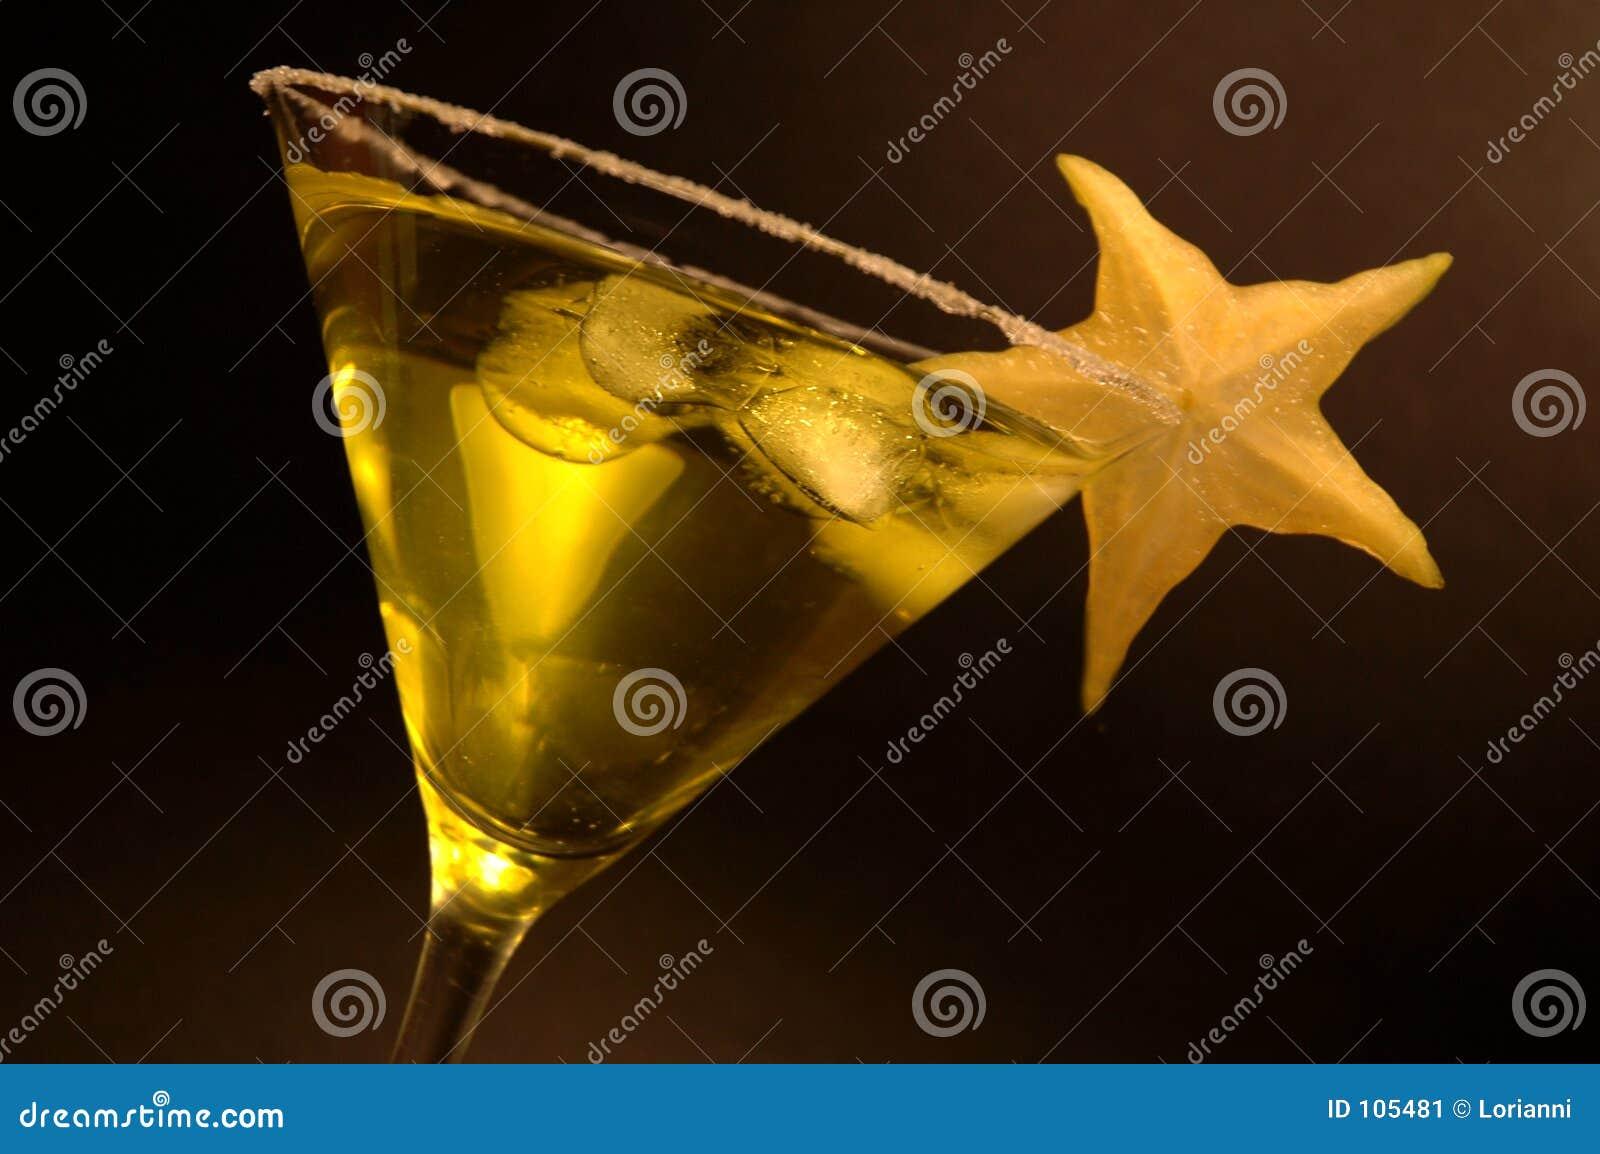 trinken sie im martini glas mit sternfrucht 1 stockbild bild 105481. Black Bedroom Furniture Sets. Home Design Ideas